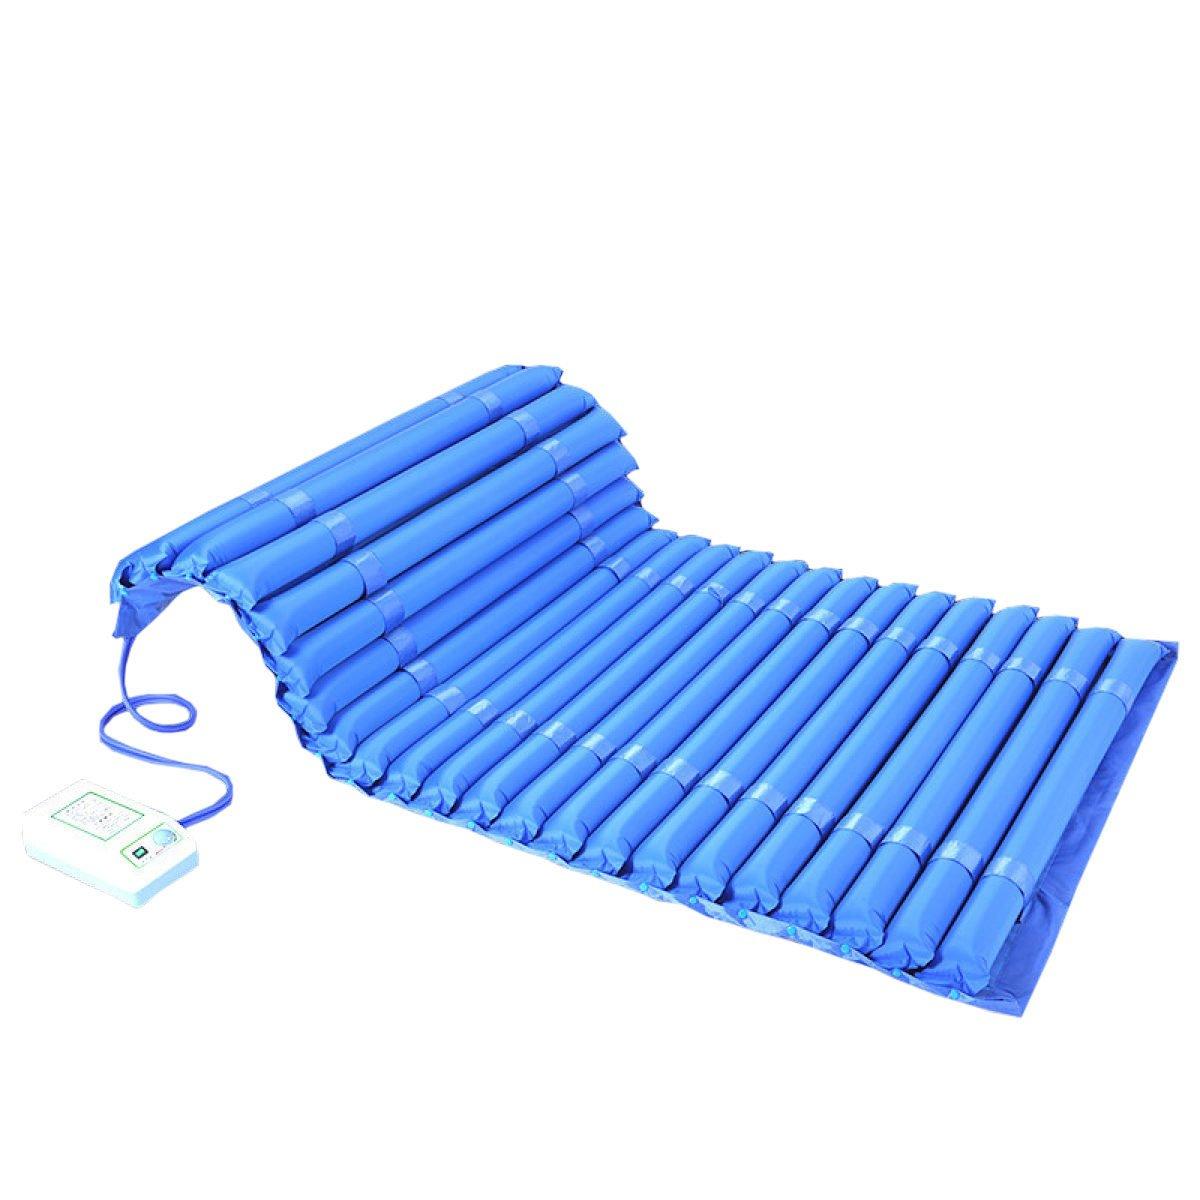 Dfb-Verbreiterung Erhöhte Anti-Bett-Aufblasbare Matratze Einzel-Älteres Spülbett Betrunkene Patienten Medizinisches Haus